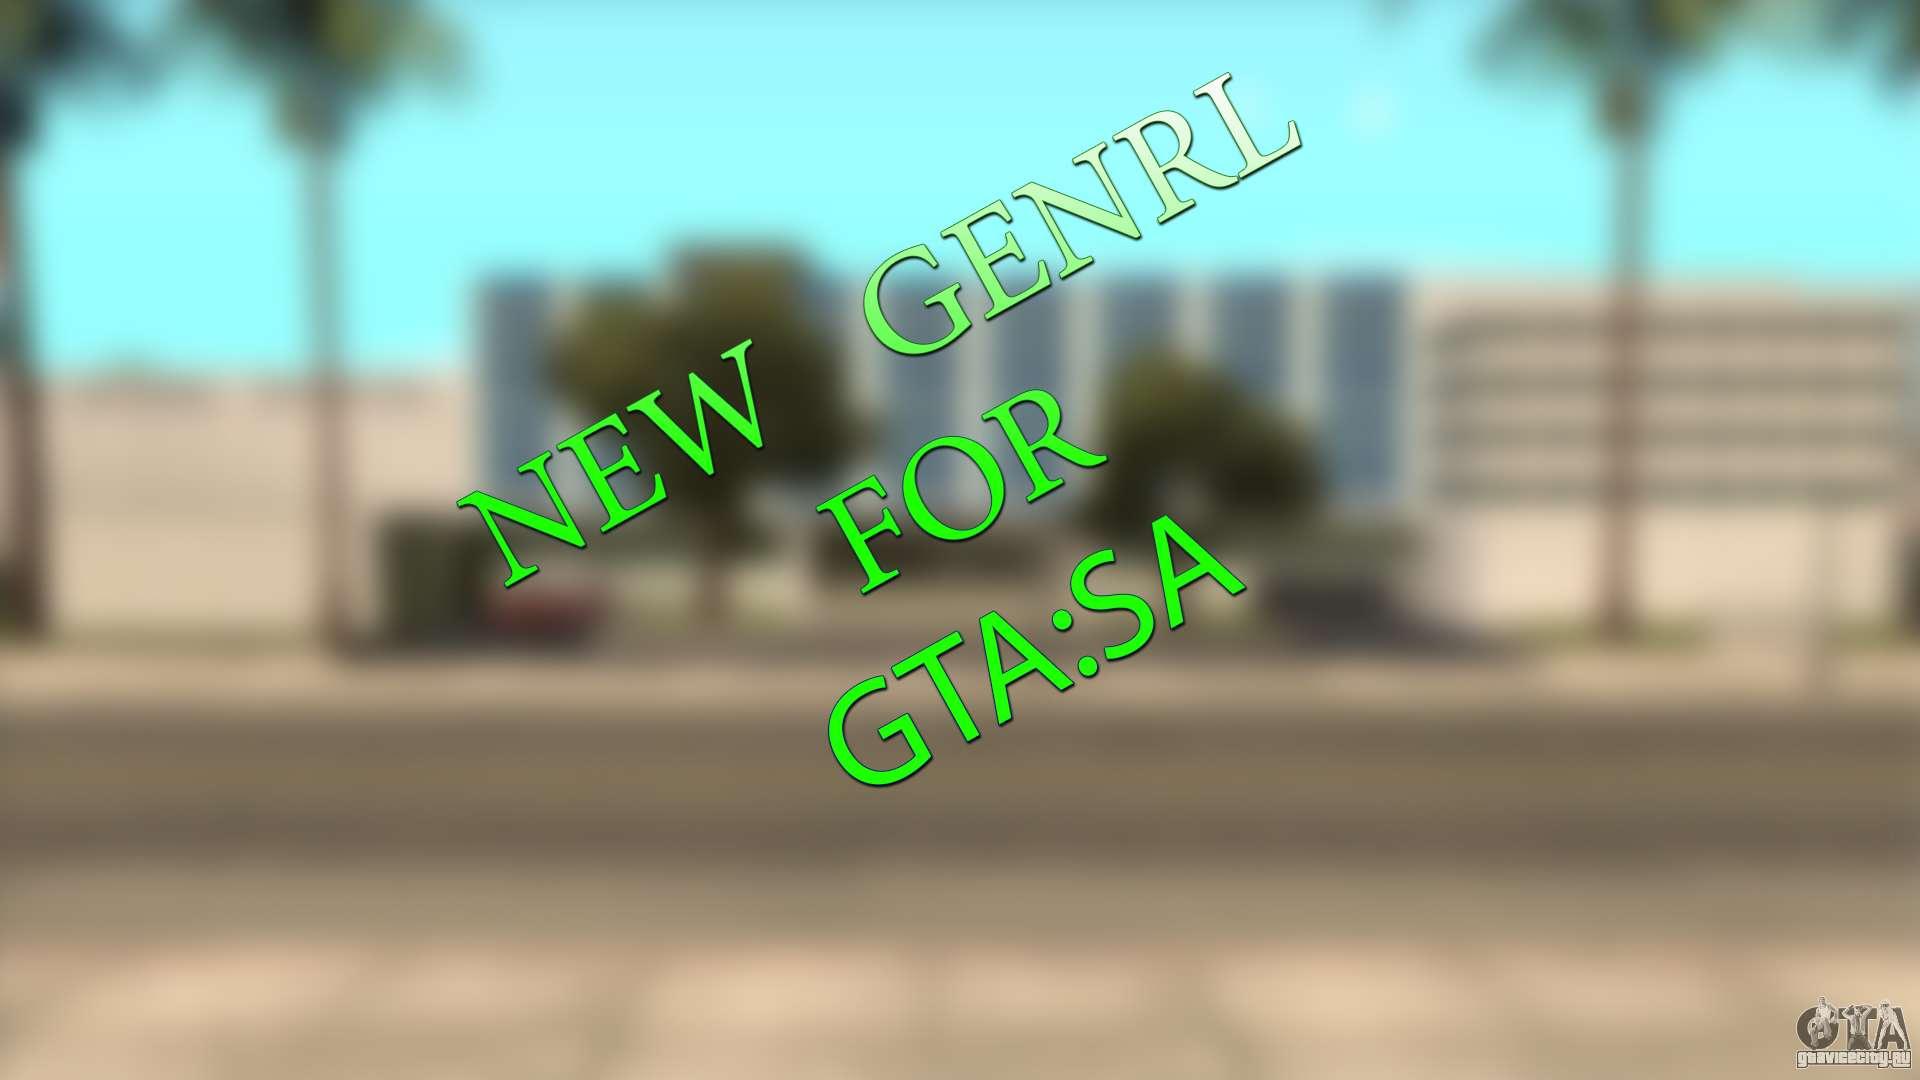 Новые звуки выстрелов для gta sa / sa:mp youtube.